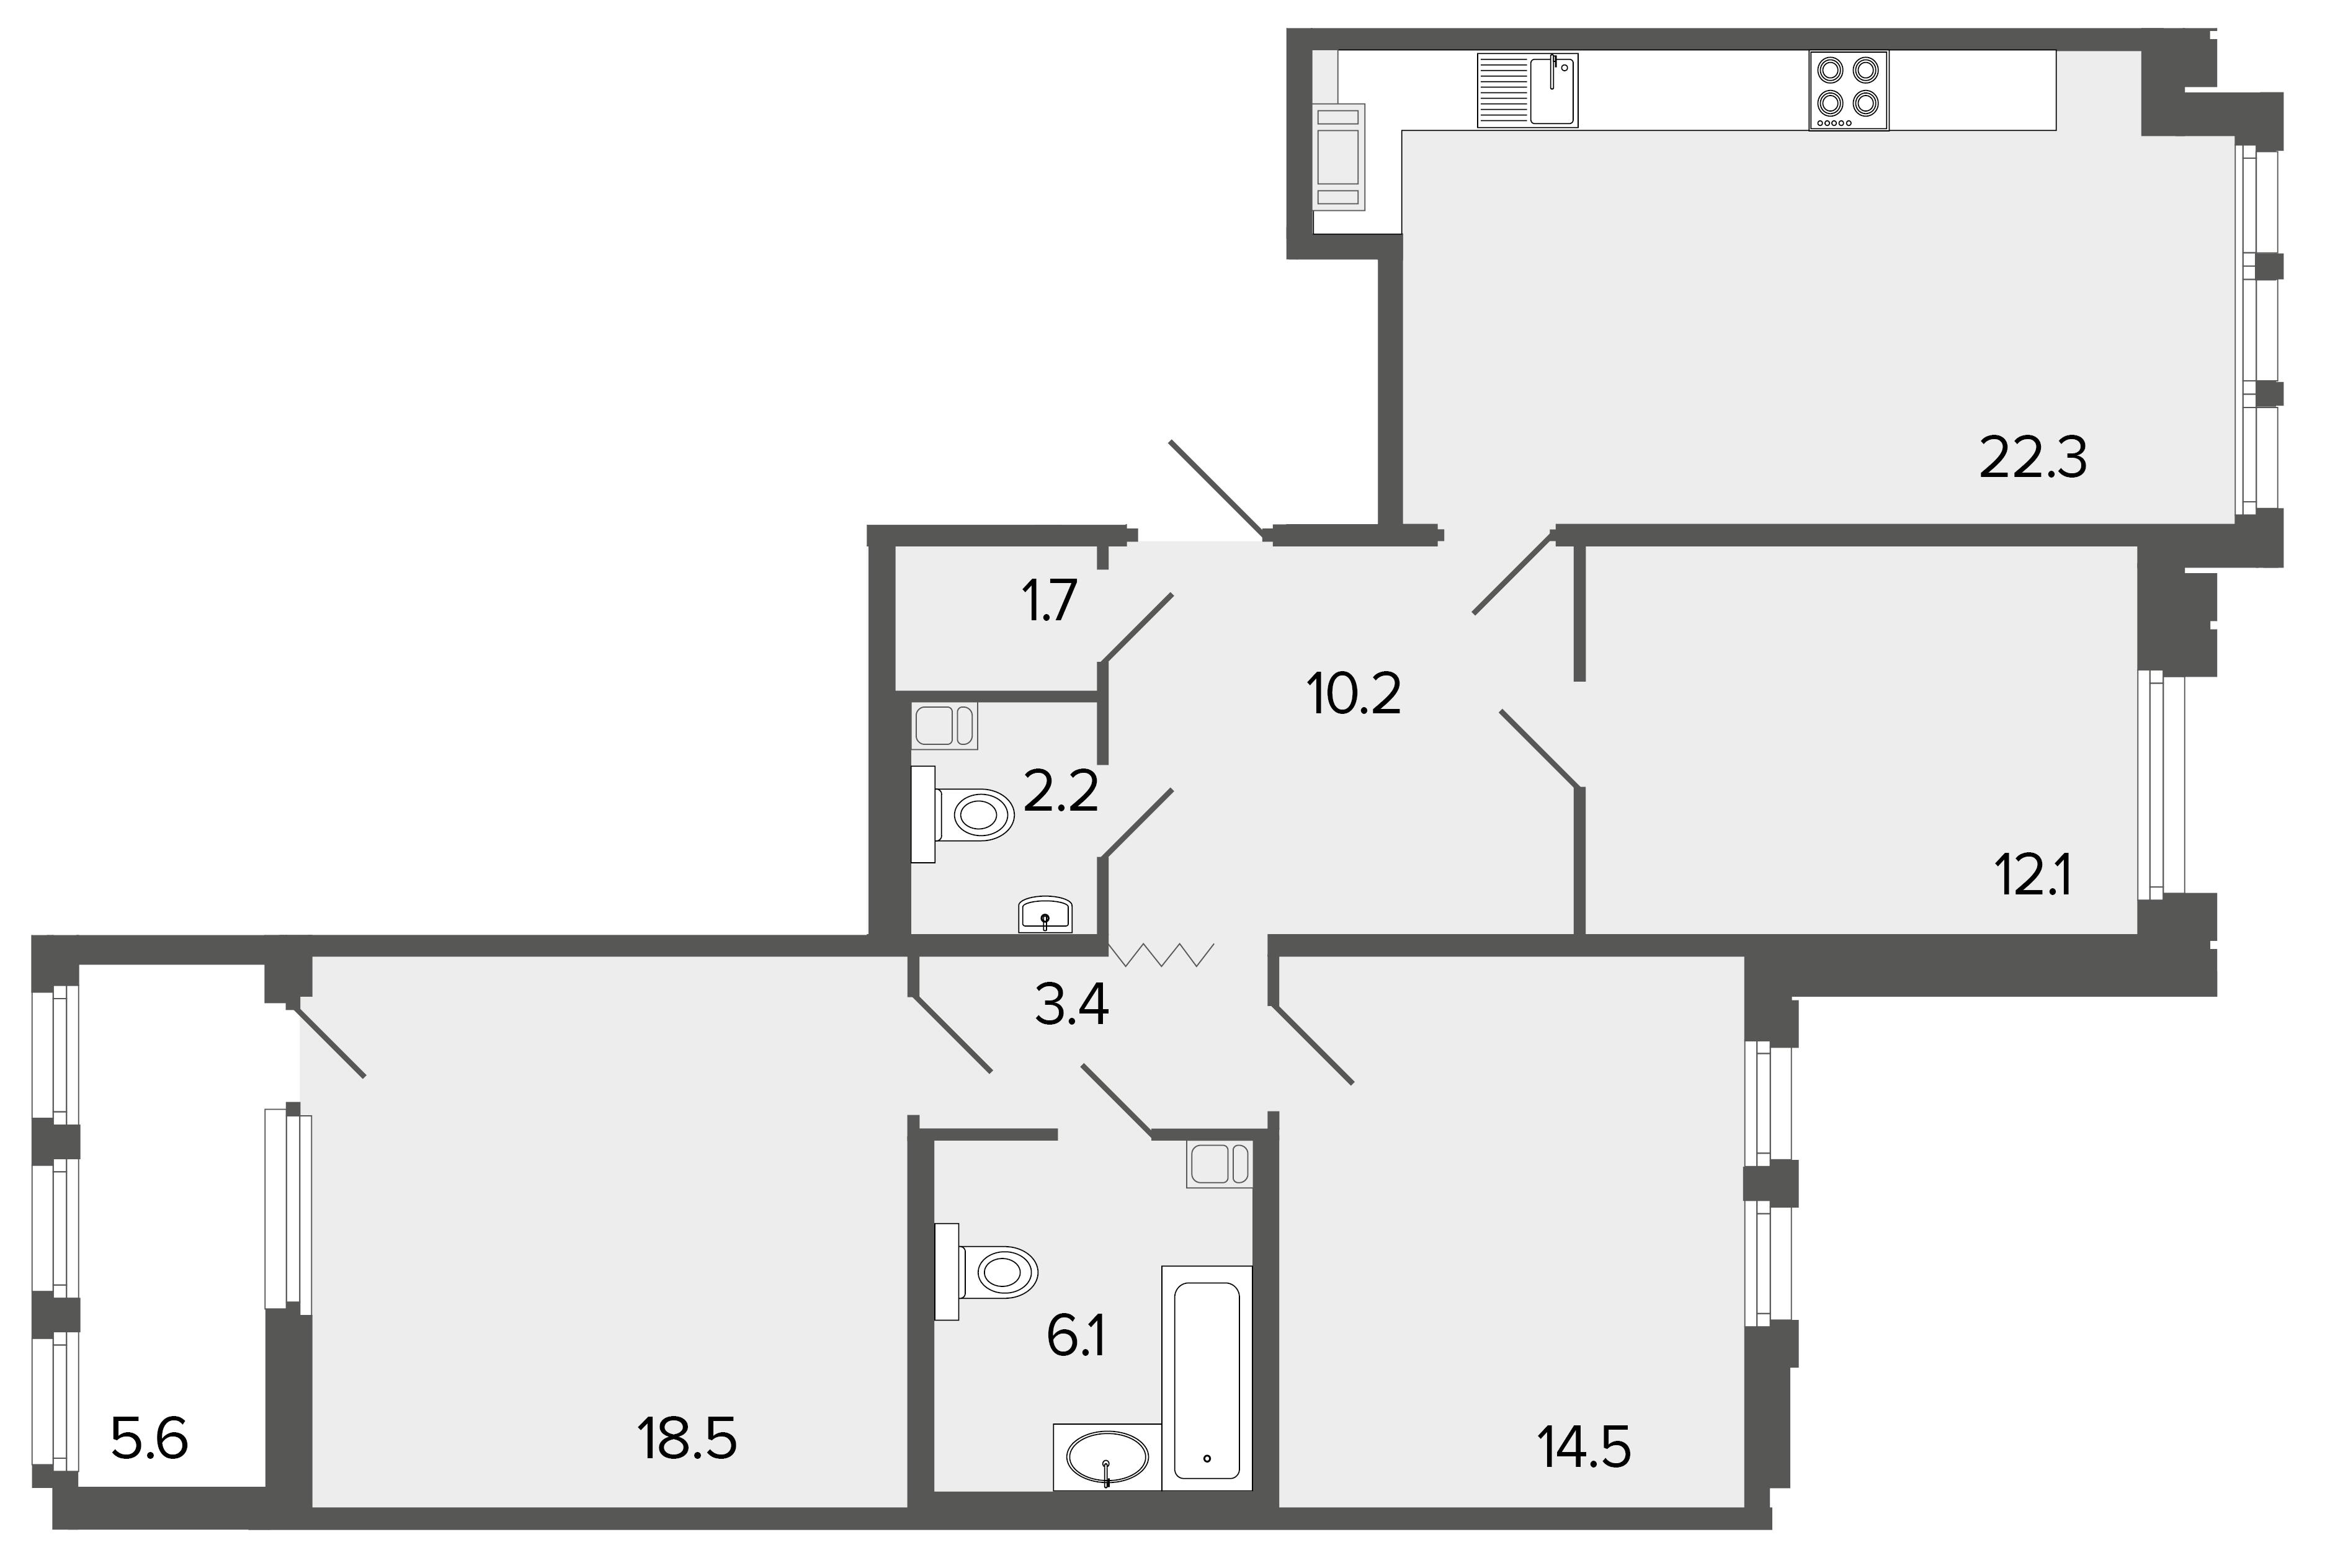 3-комнатная квартира №26 в: Созидатели: 91 м²; этаж: 4 - купить в Санкт-Петербурге